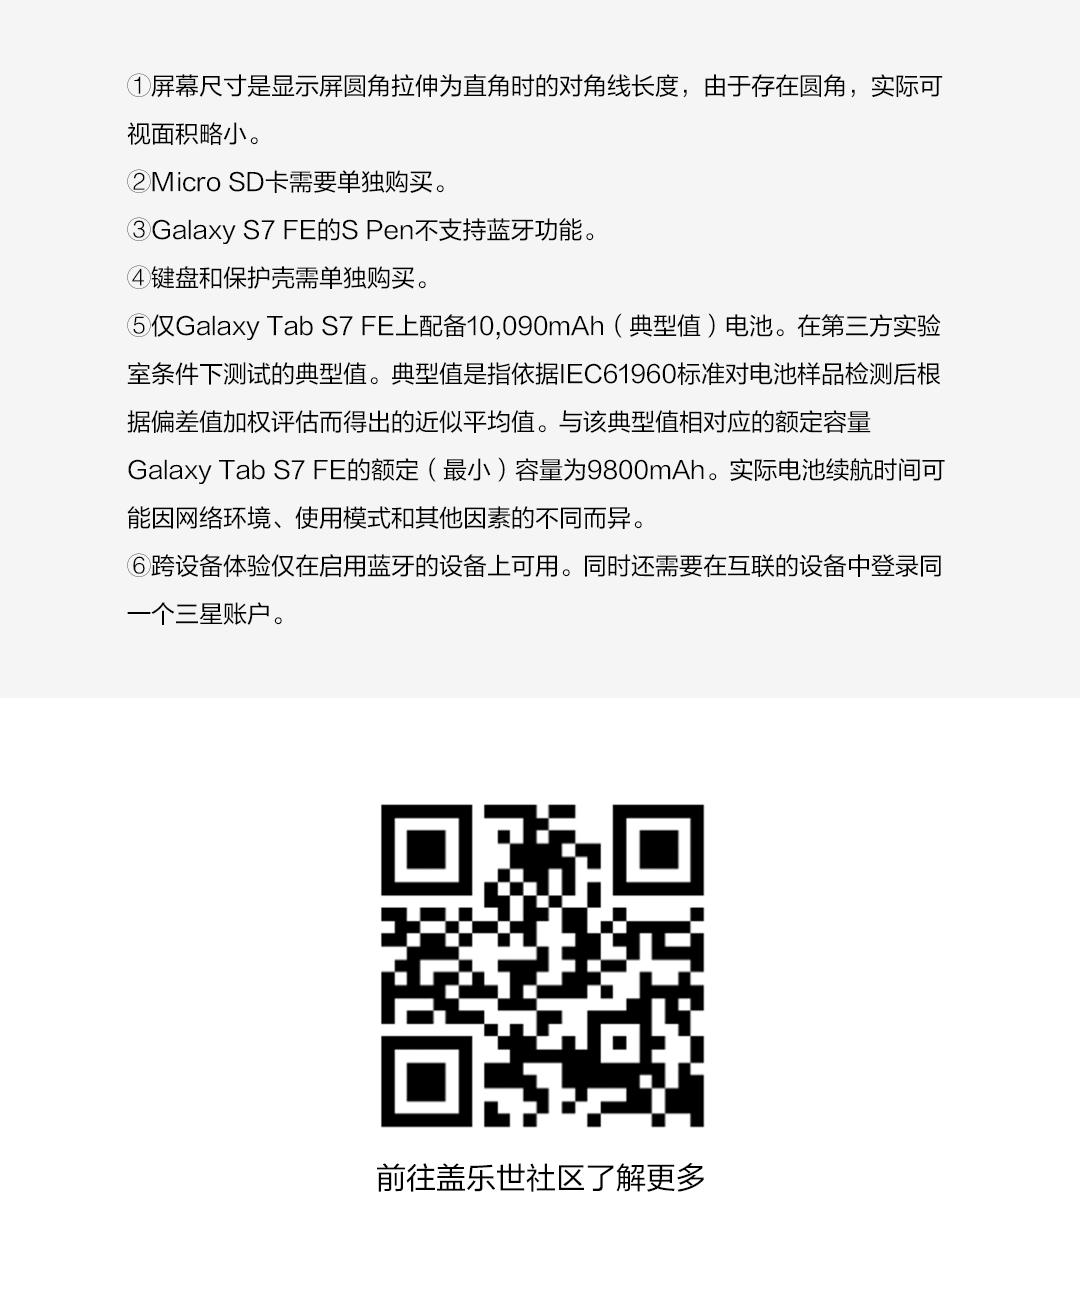 简约之美 均衡性能 三星Galaxy Tab S7 FE精美图赏